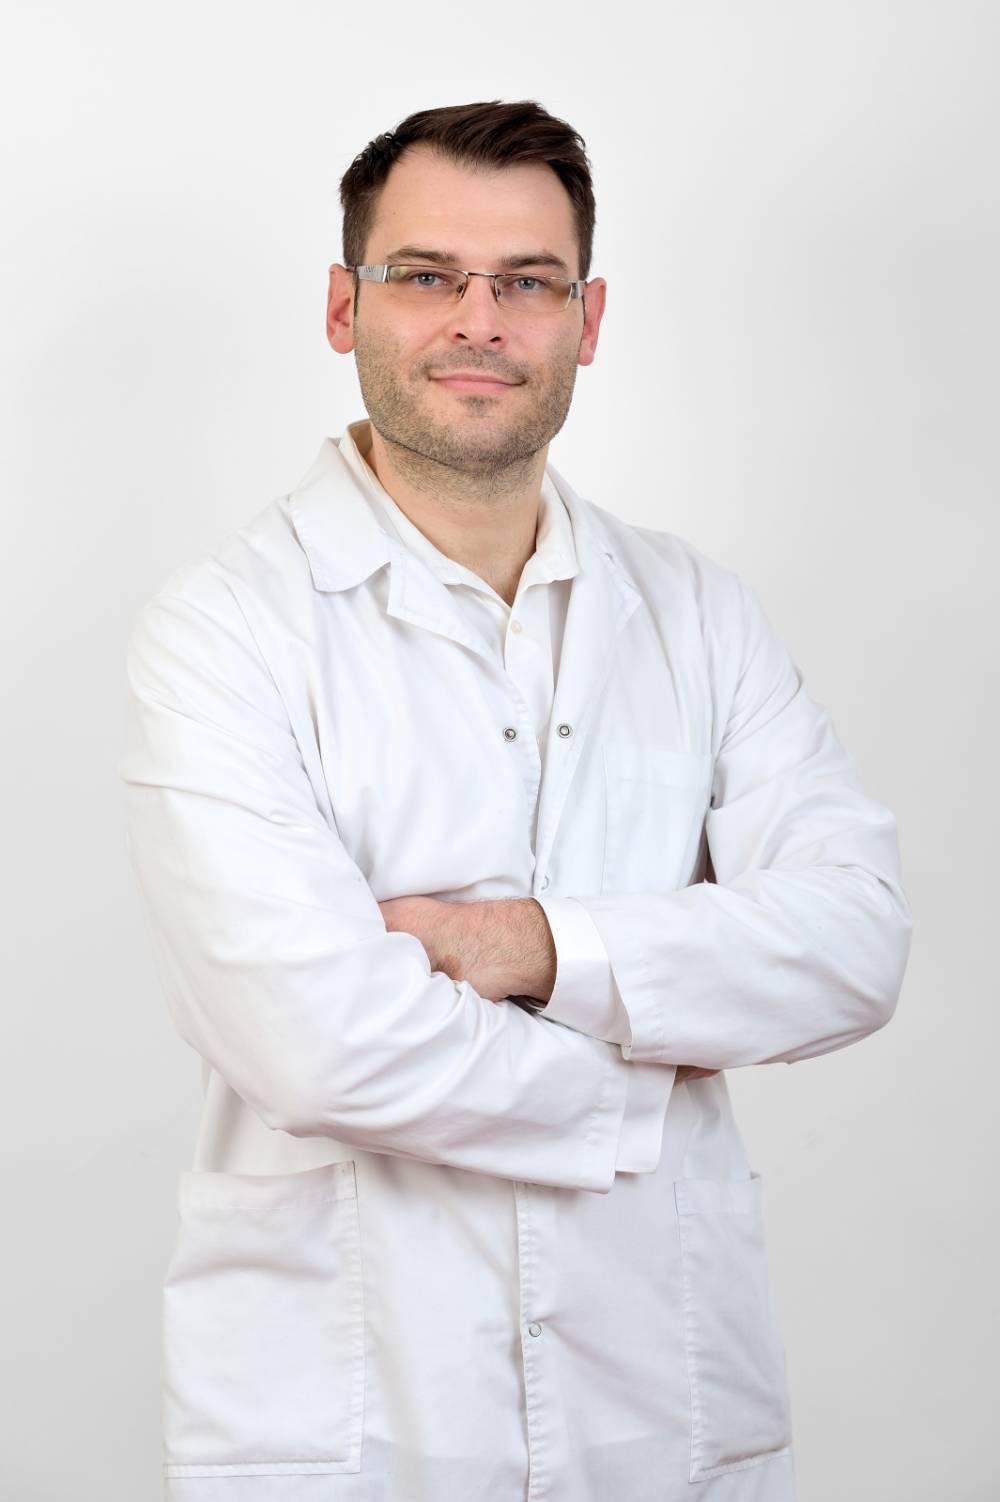 Dovydas Prascevičius - Gyd. ortopedas - traumatologas